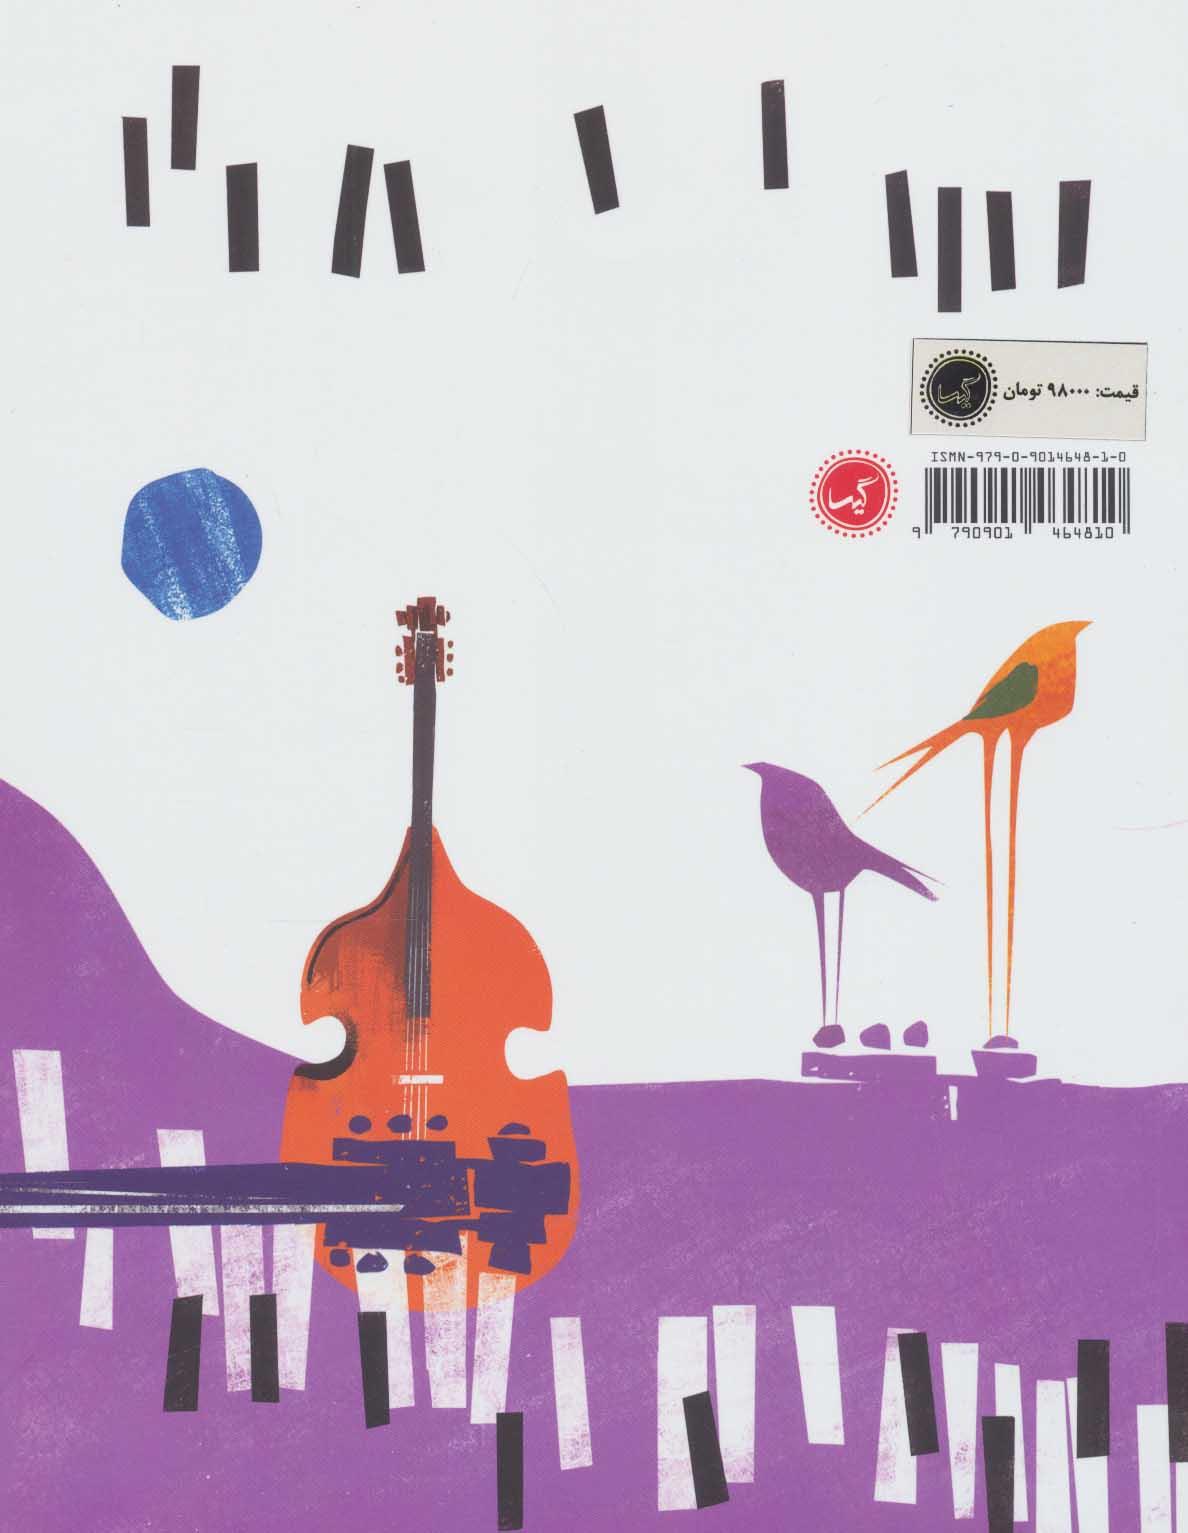 موسیقی دان کوچولو 2 (آموزش بداهه نوازی و آهنگ سازی)